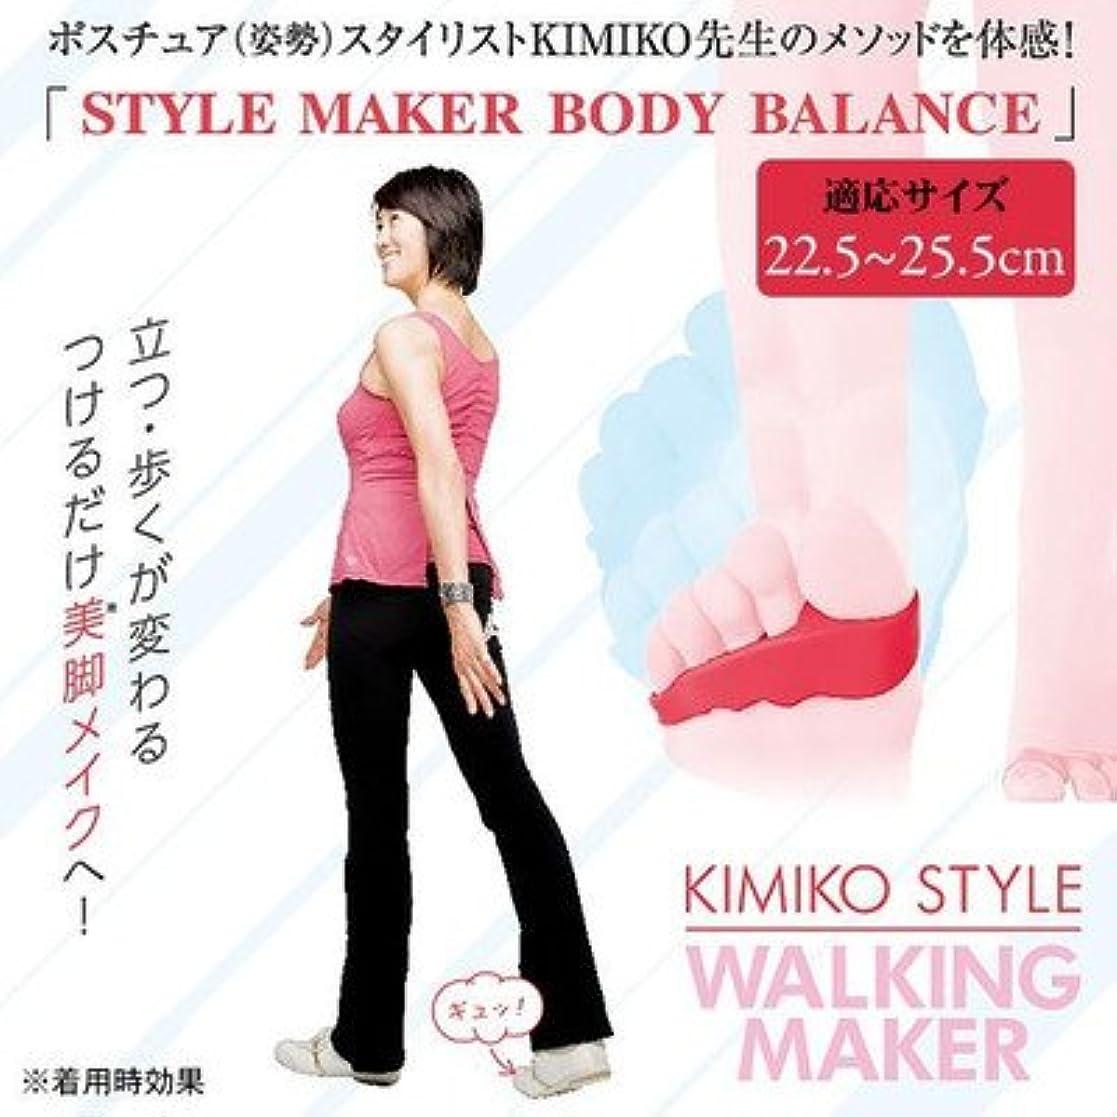 サーキットに行く豊富に滑り台付けて歩いて 正しい歩行姿勢へナビゲート KIMIKO STYLE キミコスタイル WALKING MAKER ウォーキングメーカー 1足入